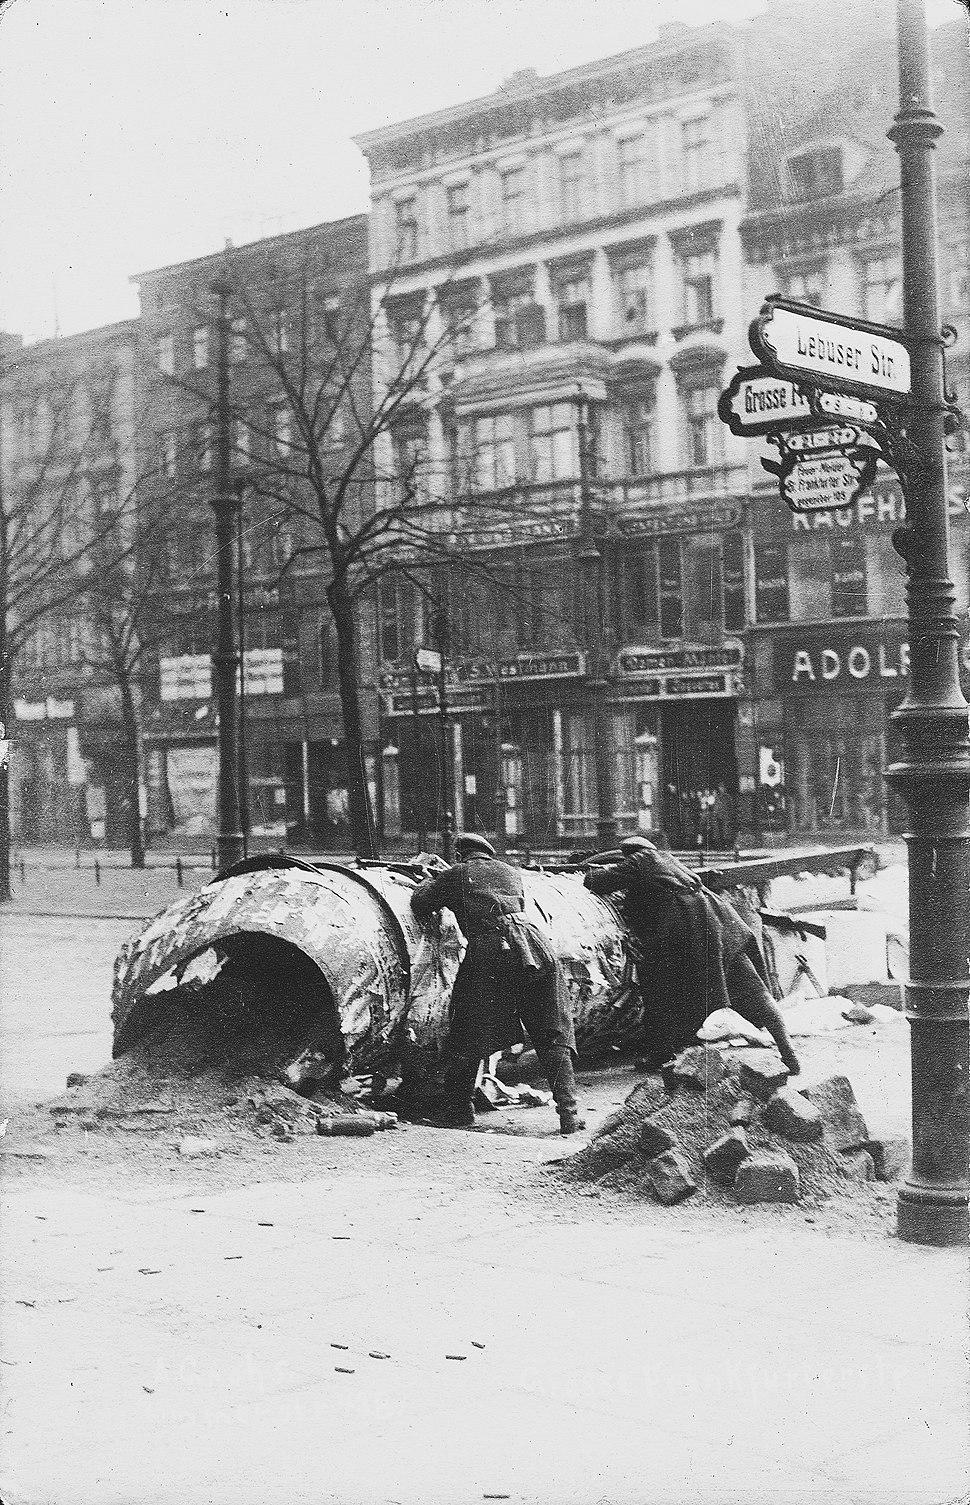 Alfred Grohs zur Revolution 1918 1919 in Berlin Große Frankfurter Straße Ecke Lebuser Straße Barrikade Kampf während der Novemberrevolution in Berlin 02 Bildseite Schaulustige